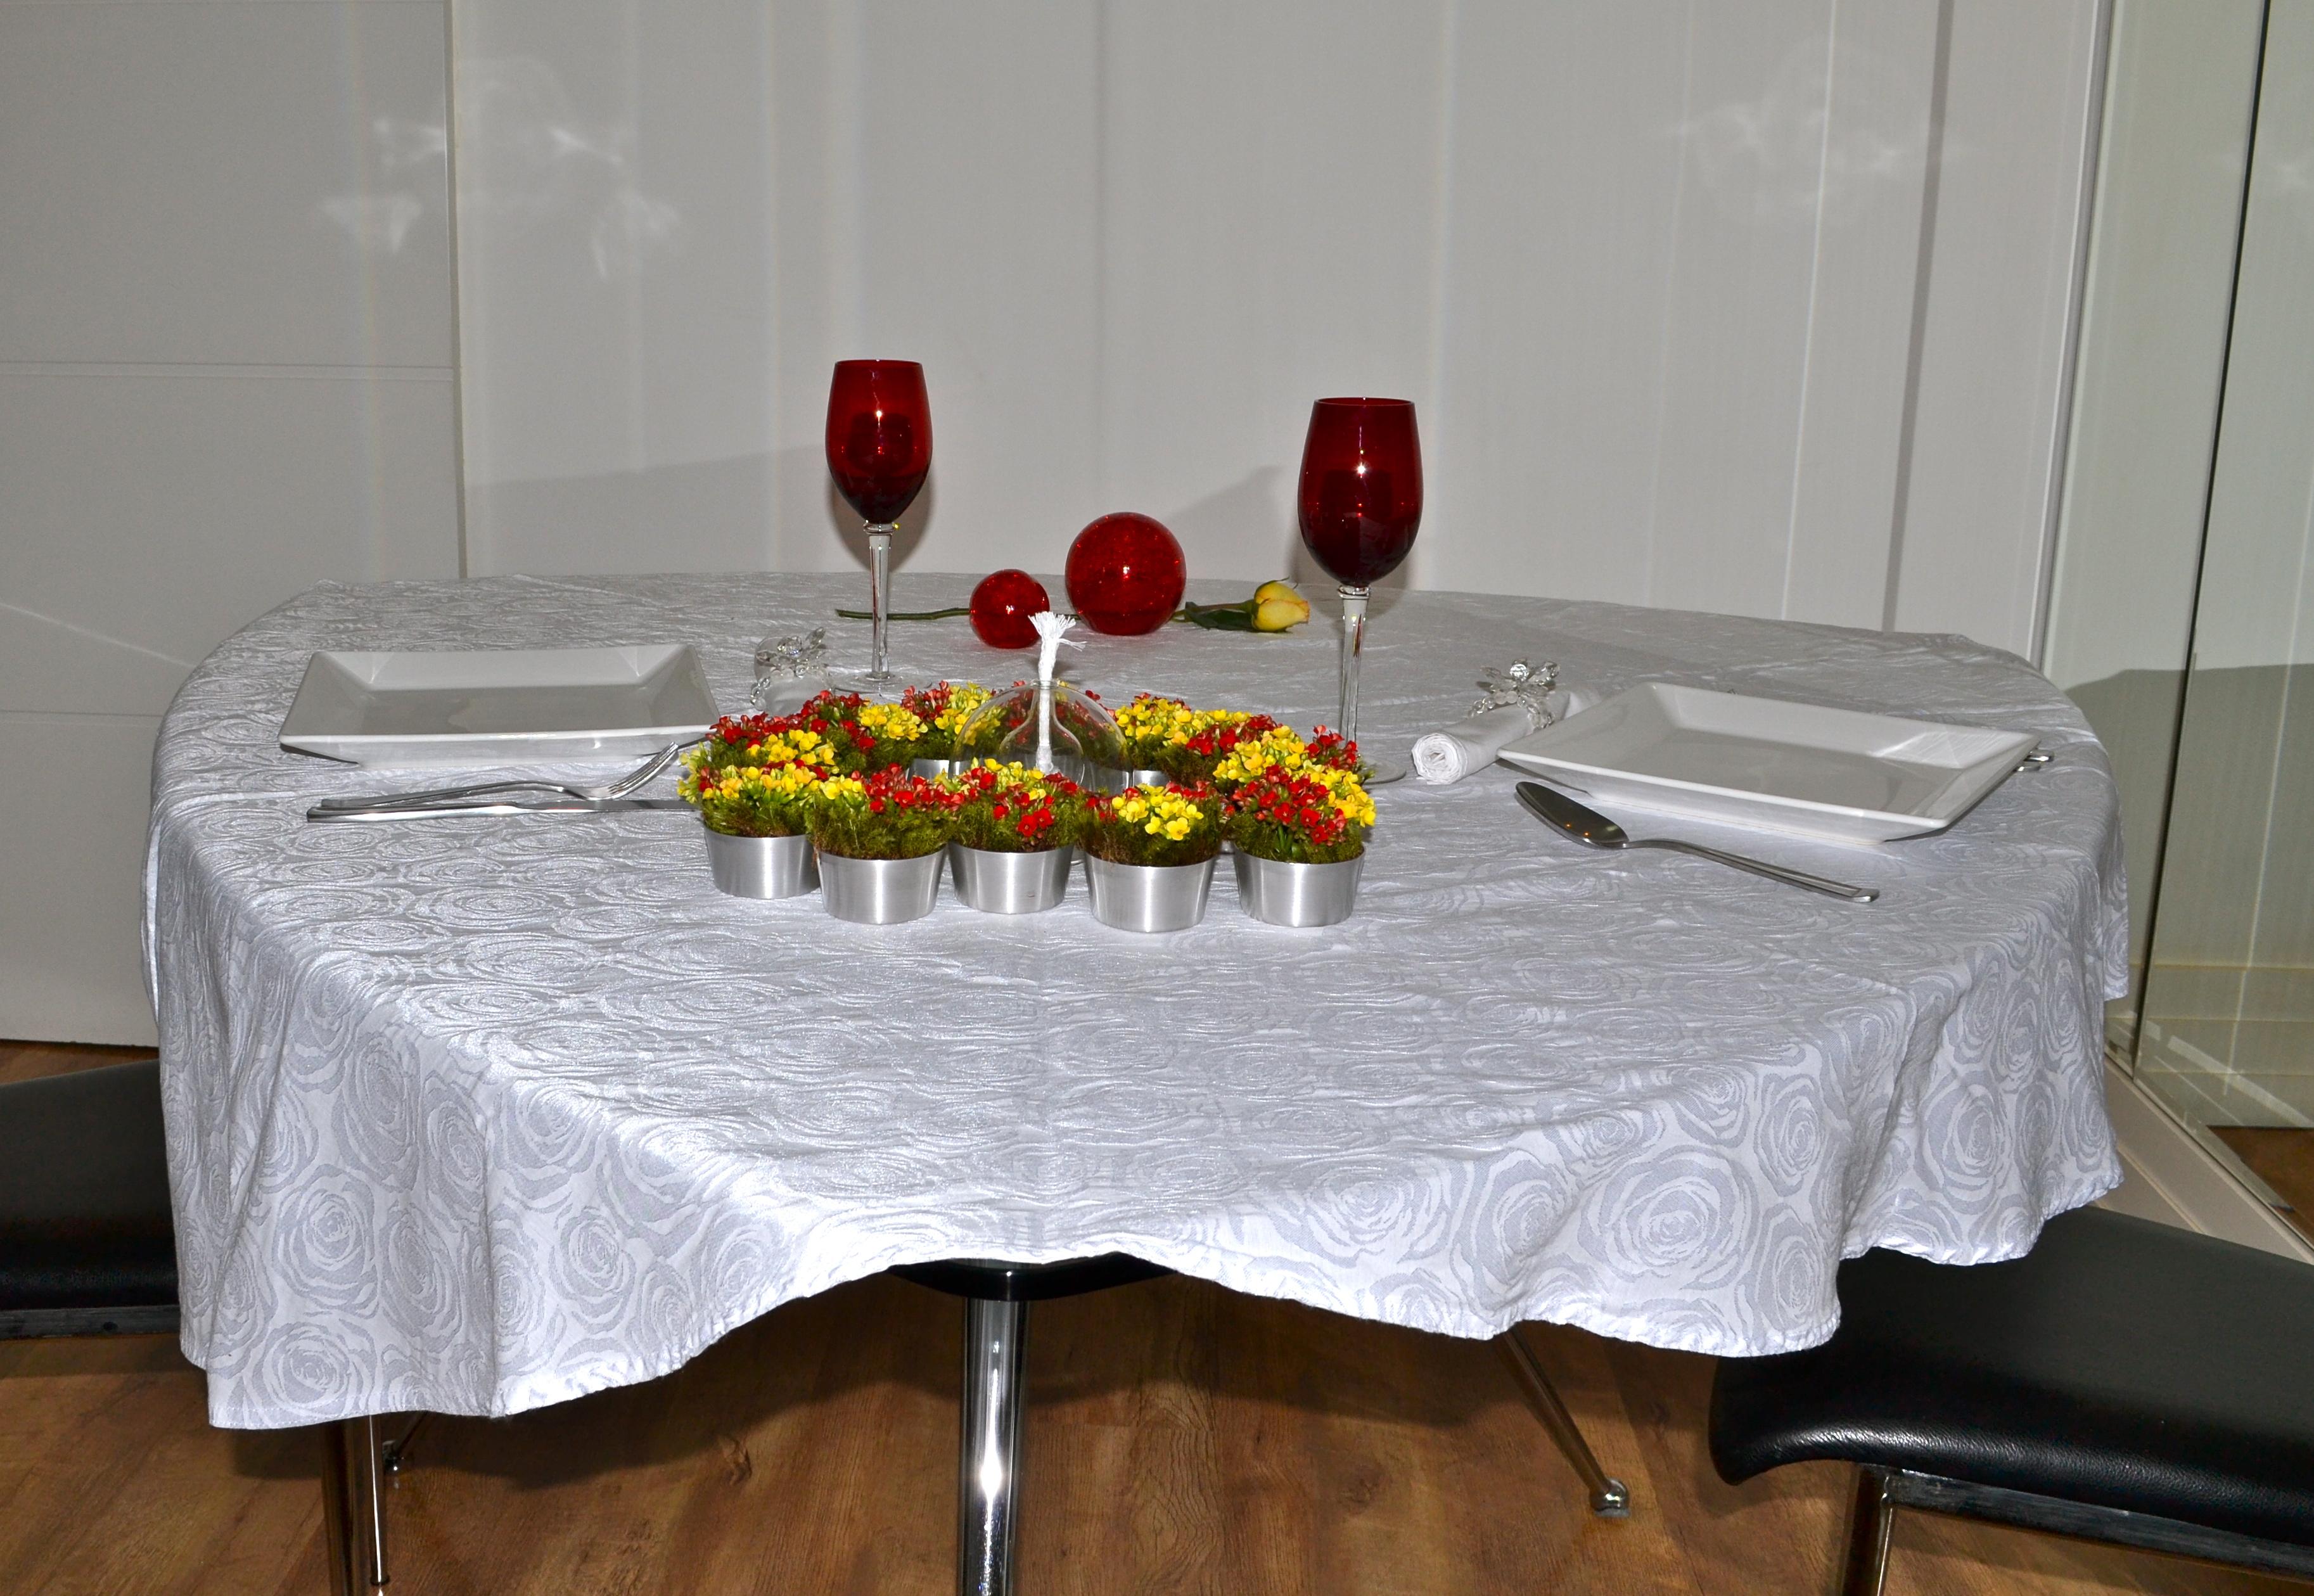 Como preparar um jantar rom ntico em casa fabi santina - Preparar algo romantico en casa ...